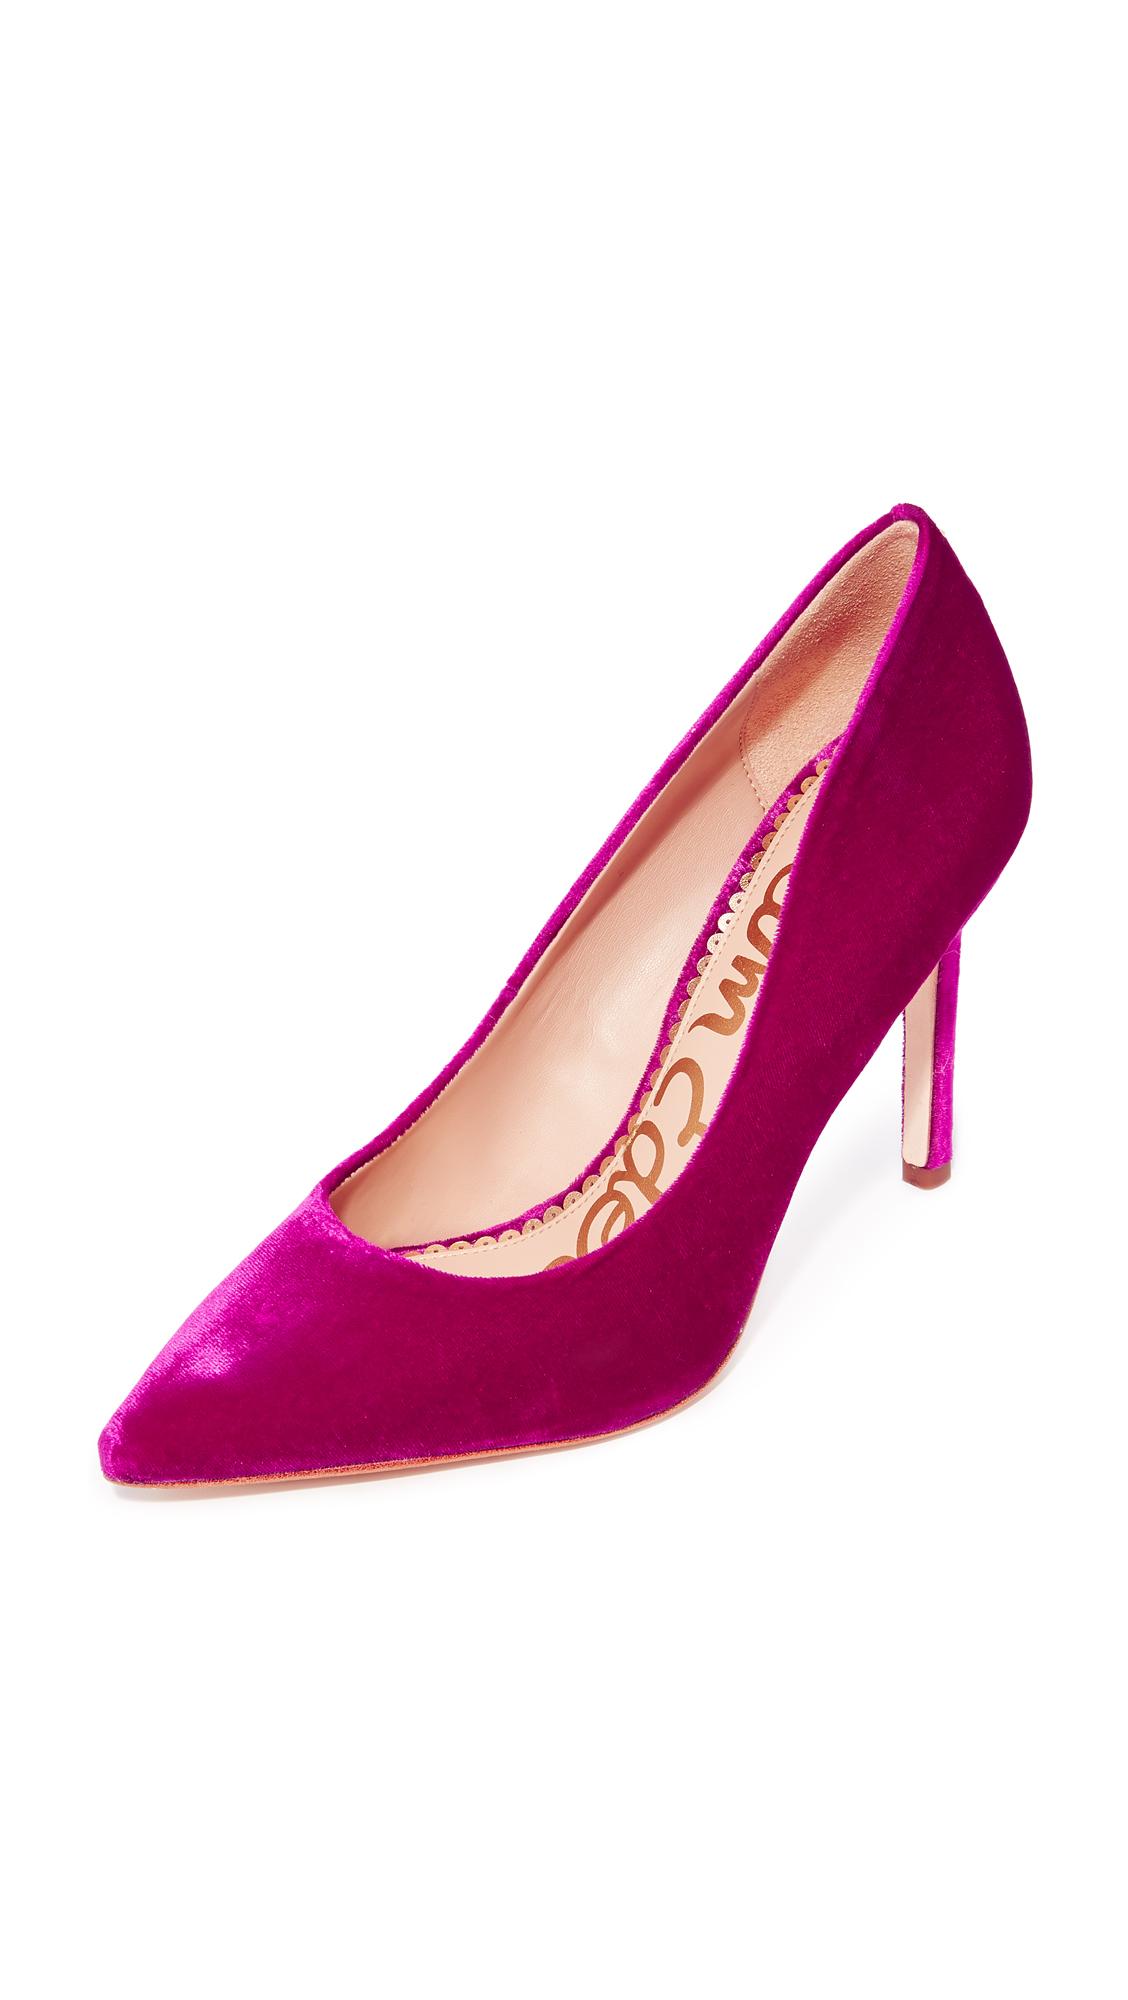 Sam Edelman Hazel Pumps - Virtual Pink